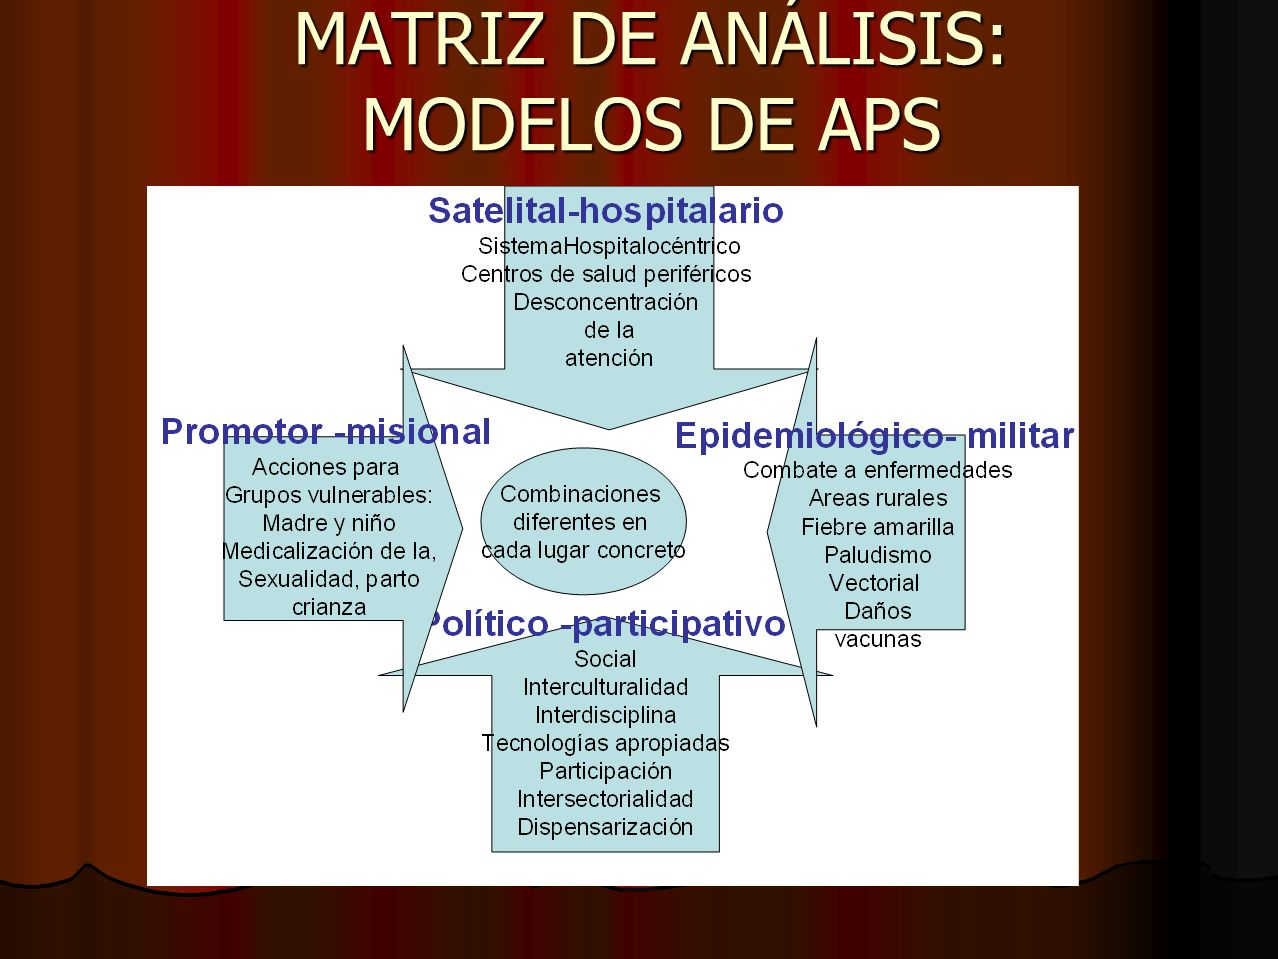 MATRIZ DE ANÁLISIS: MODELOS DE APS